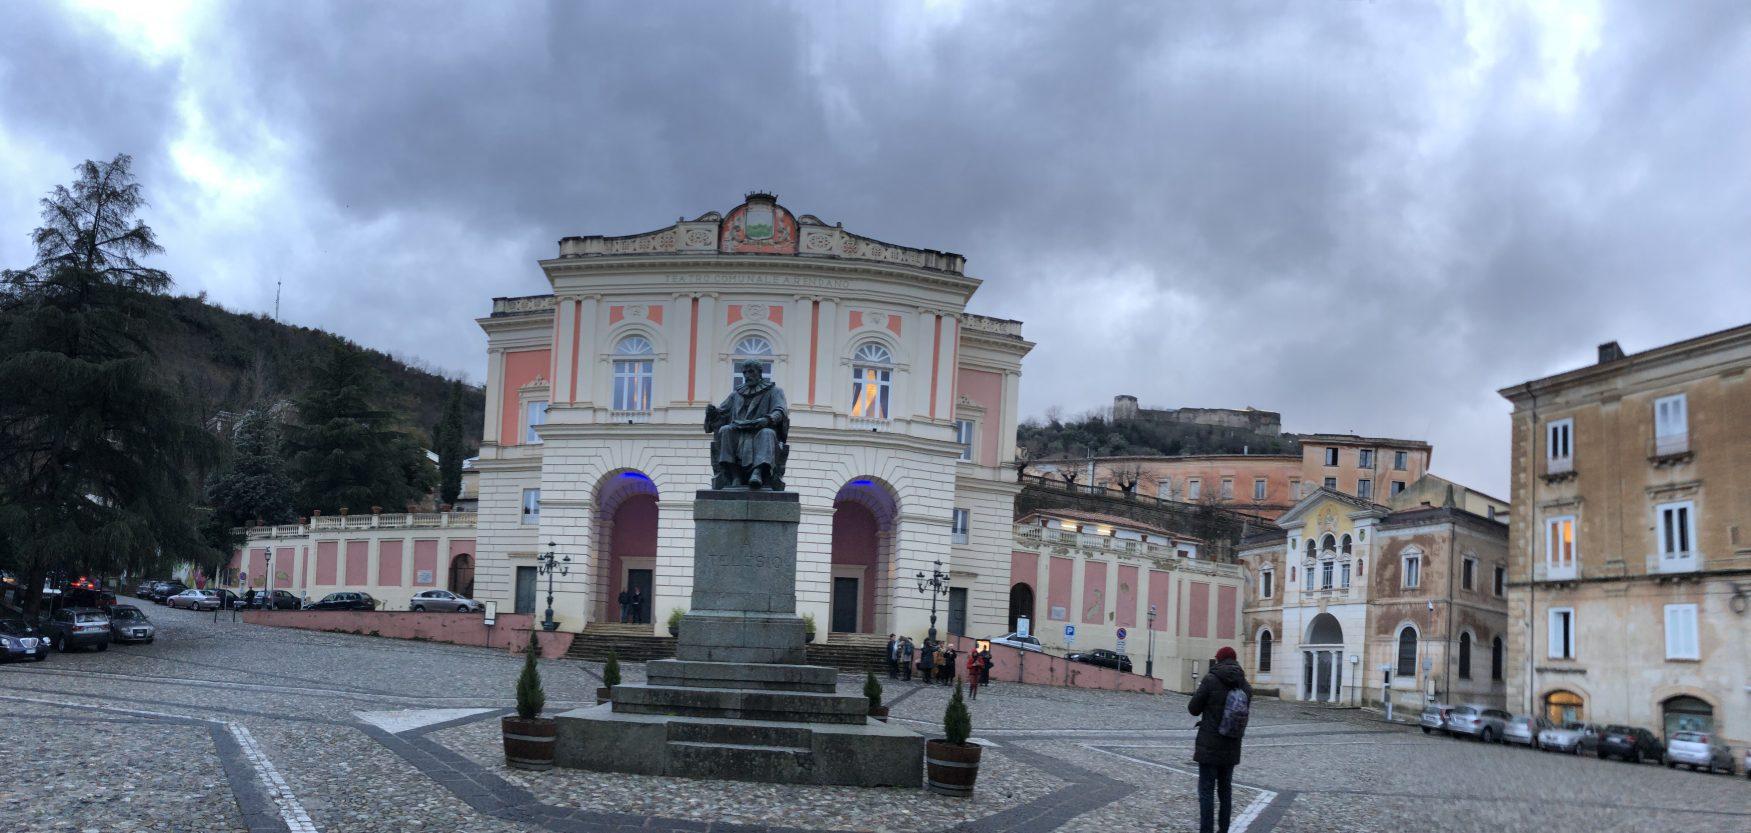 Vor dem Theater erinnert ein Denkmal an Bernardino Telesio, den Philosoph und Naturforscher.